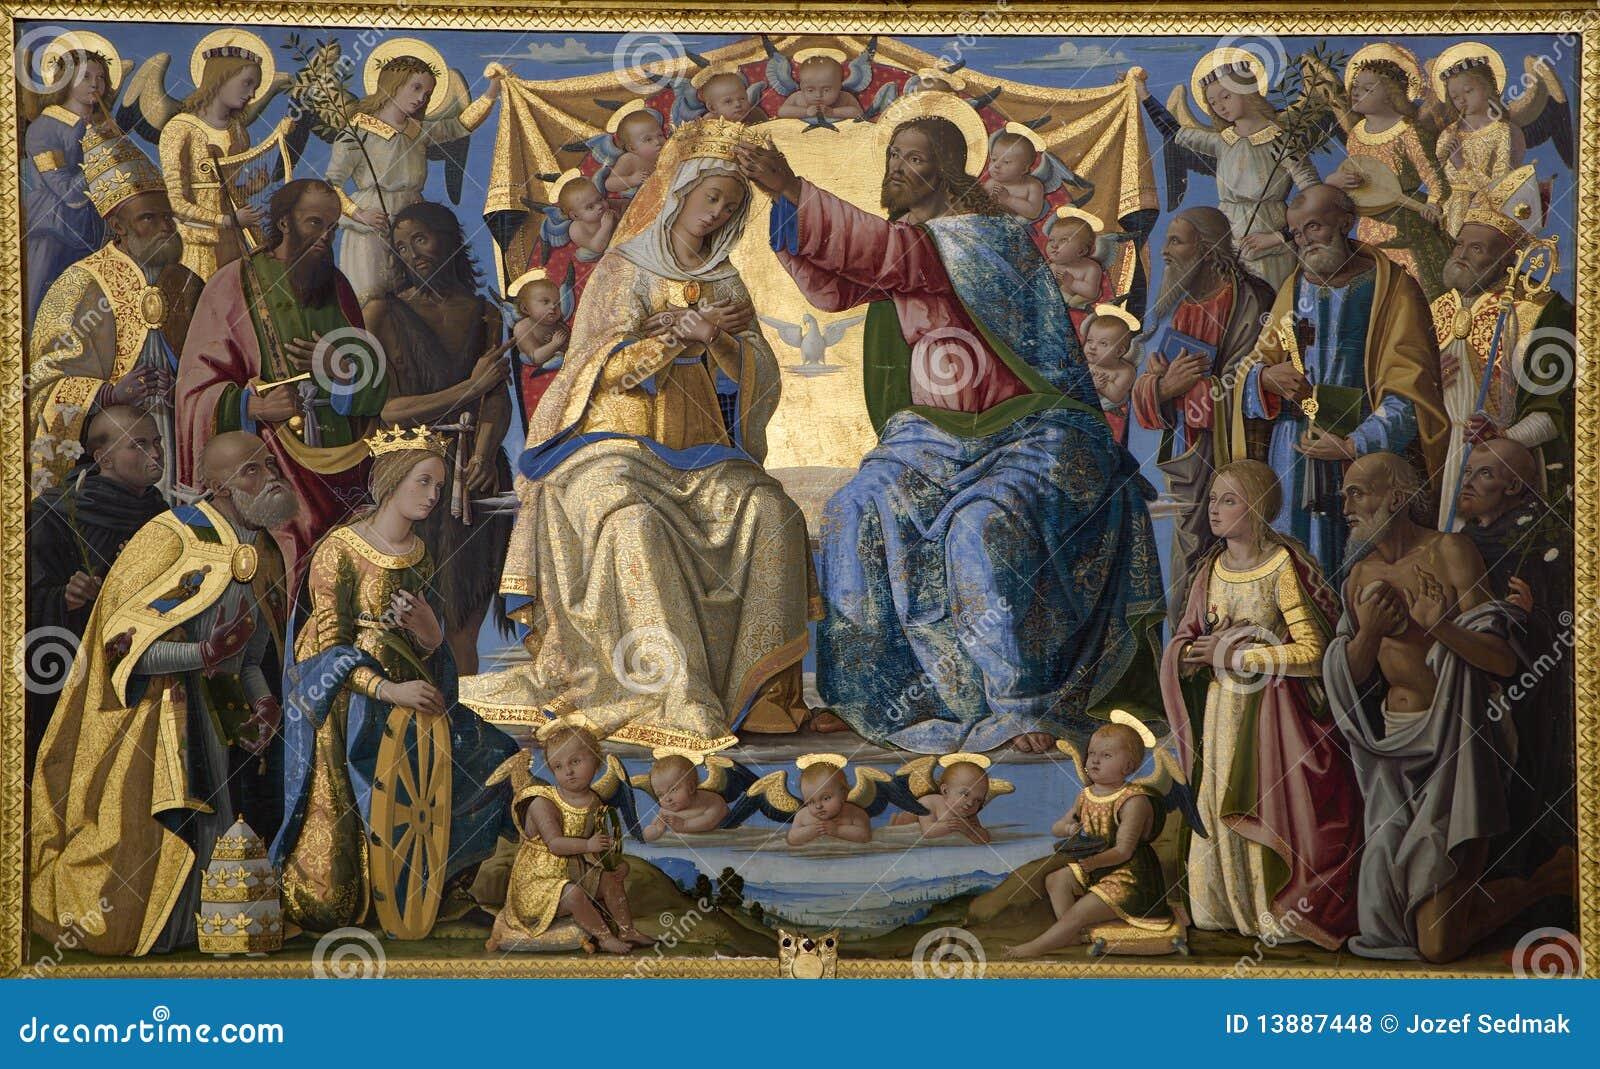 Jesus-Christus en kroning van heilige Mary - Siena